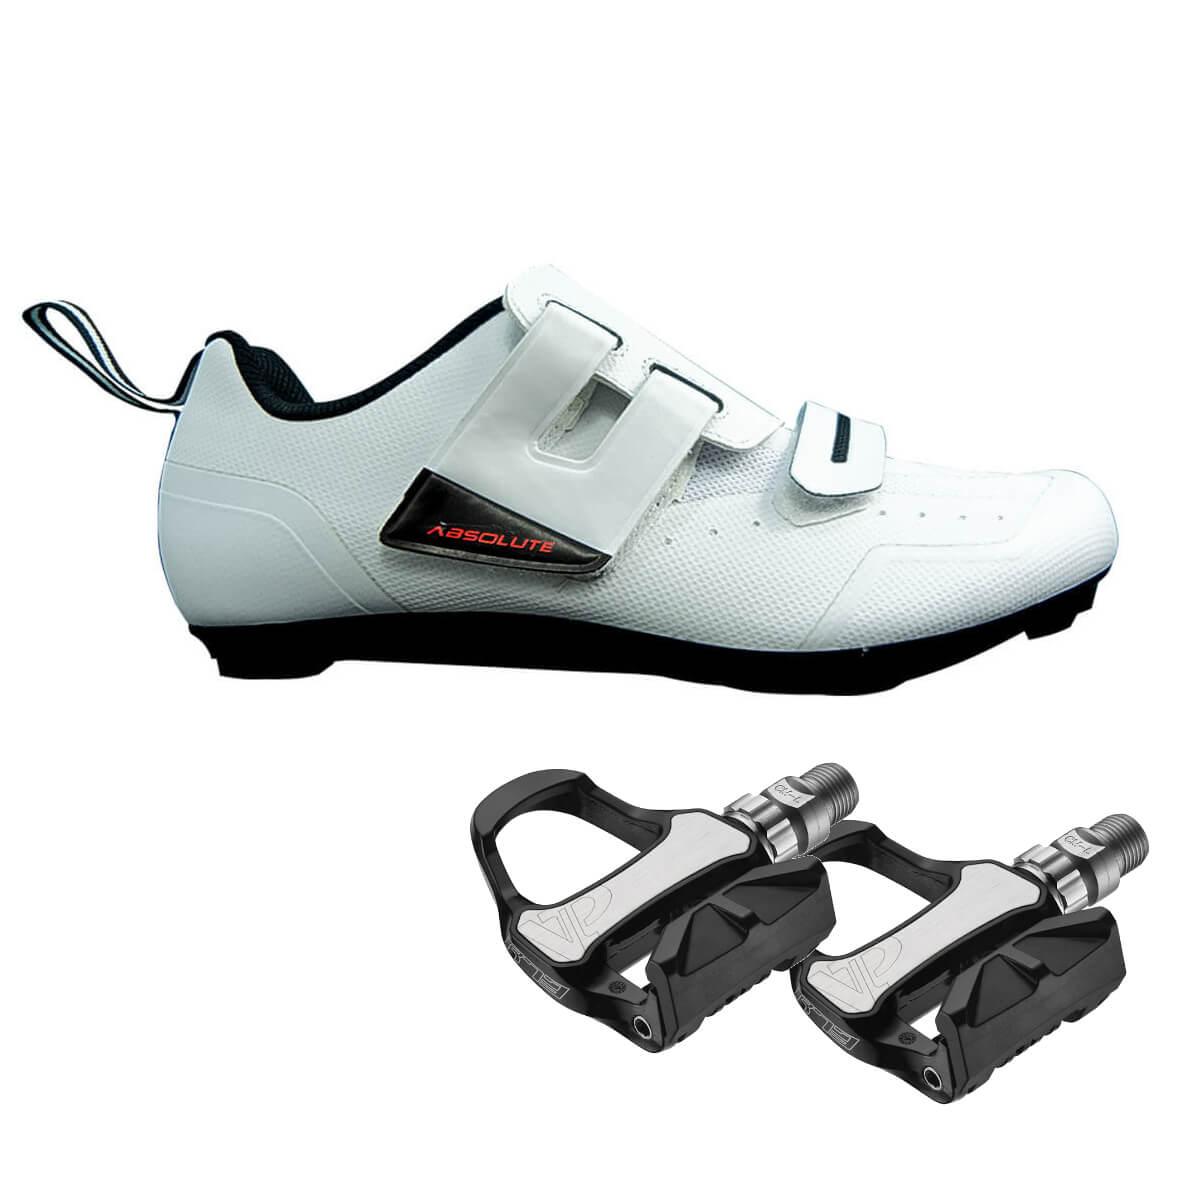 Sapatilha Triathlon Speed Absolute Triton 44 BR + Pedal R73H